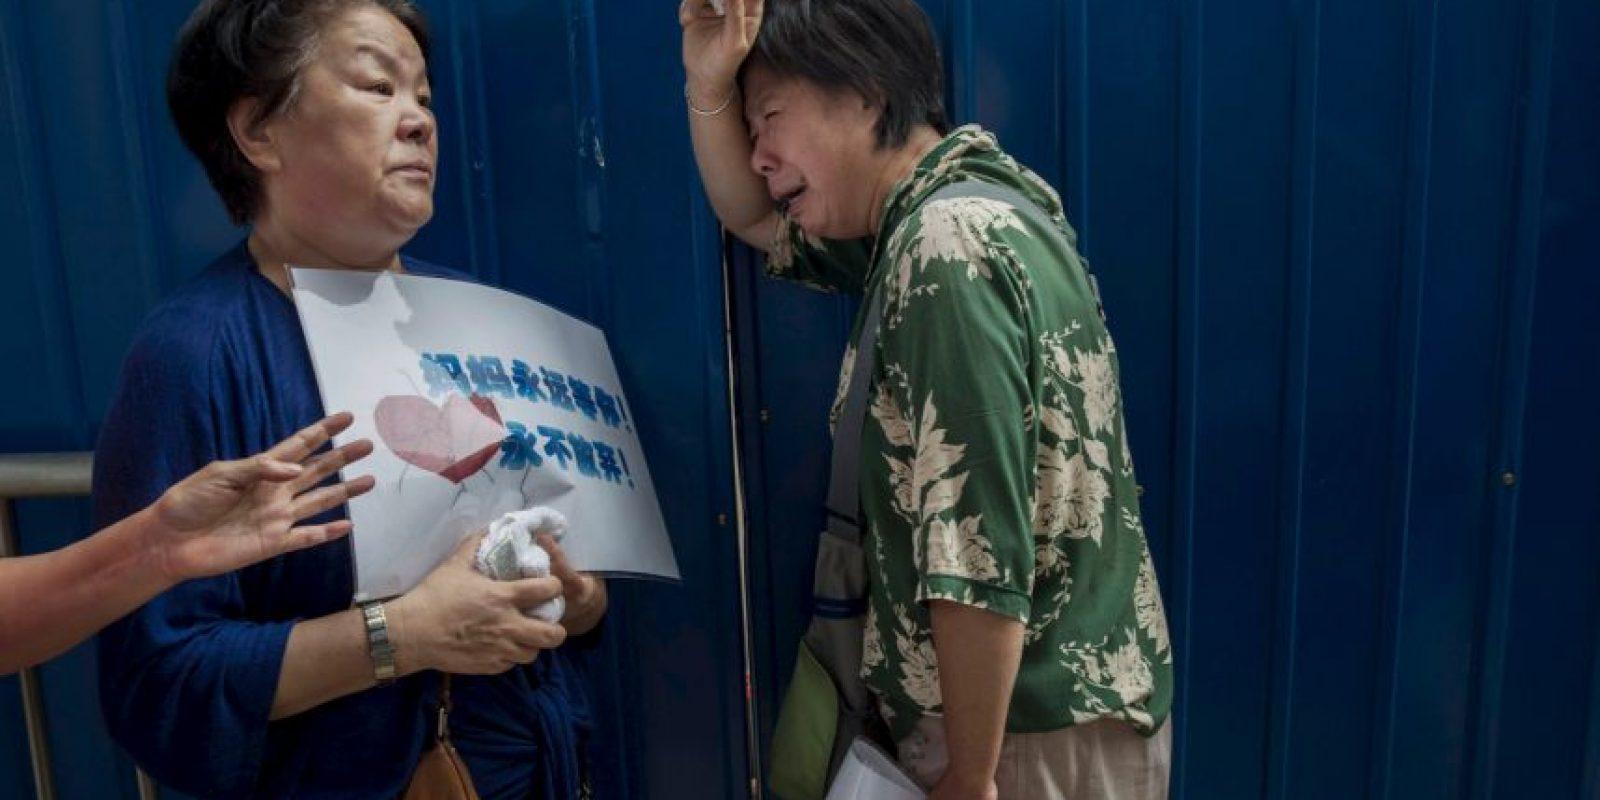 El gobierno de Malasia fue quien declaró el vuelo MH370 como desaparecido mientras se encontraba en ruta desde Kuala Lumpur, capital de Malasia, a Beijing, capital de la República Popular China. Foto:Getty Images